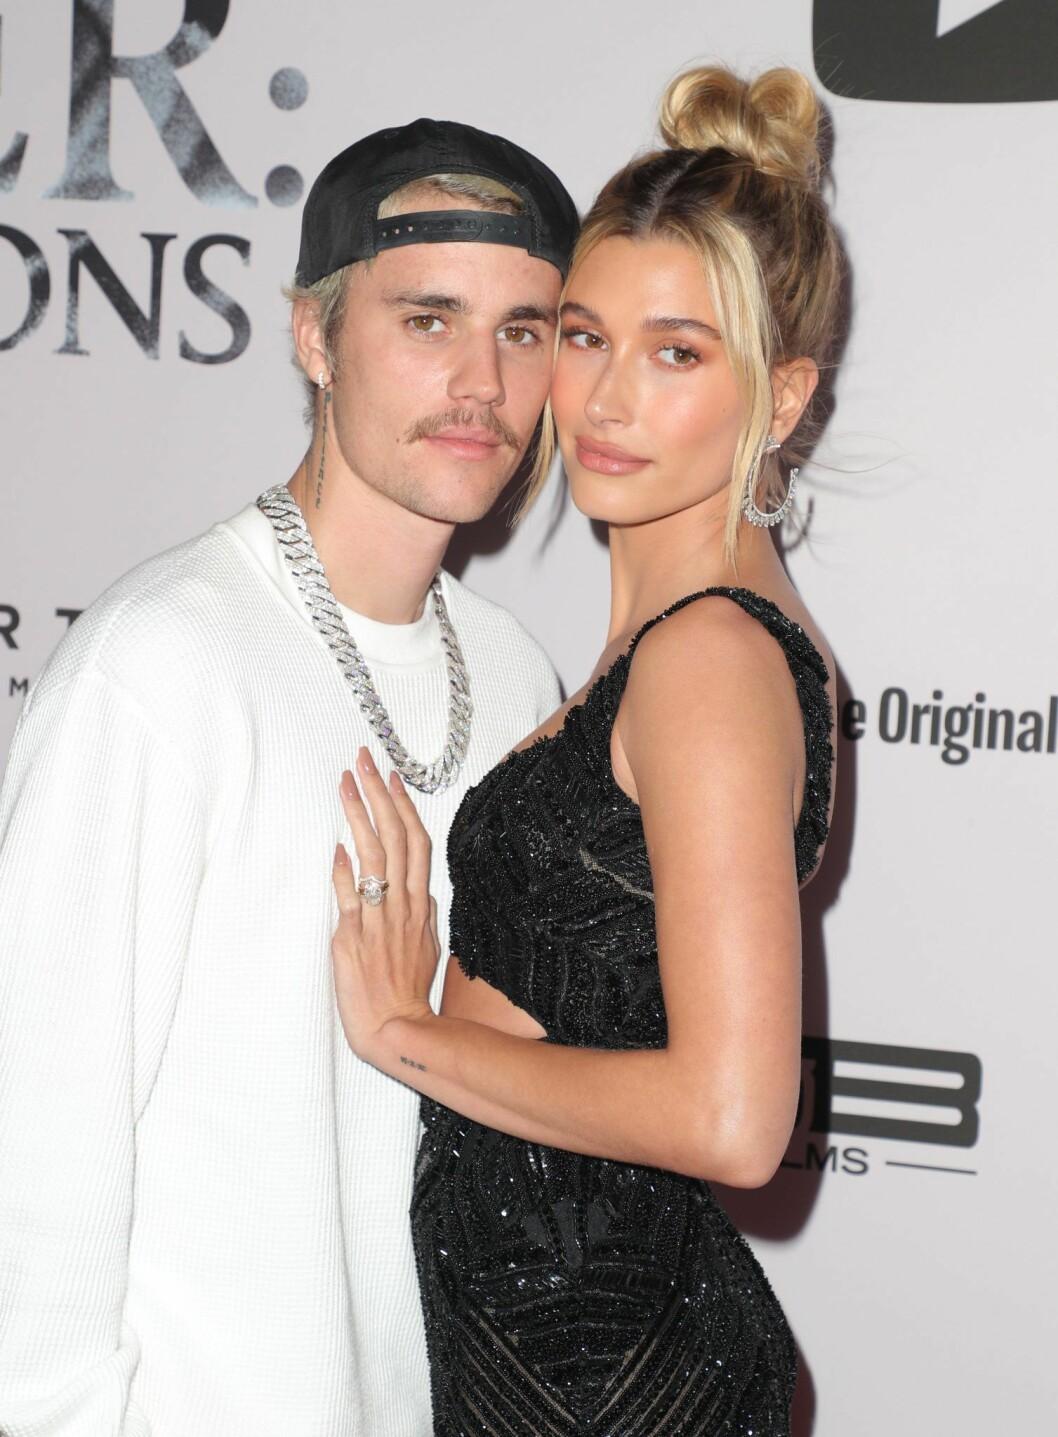 Halvkroppsbild på Justin Bieber och Hailey Bieber som står vända mot varandra och kramas